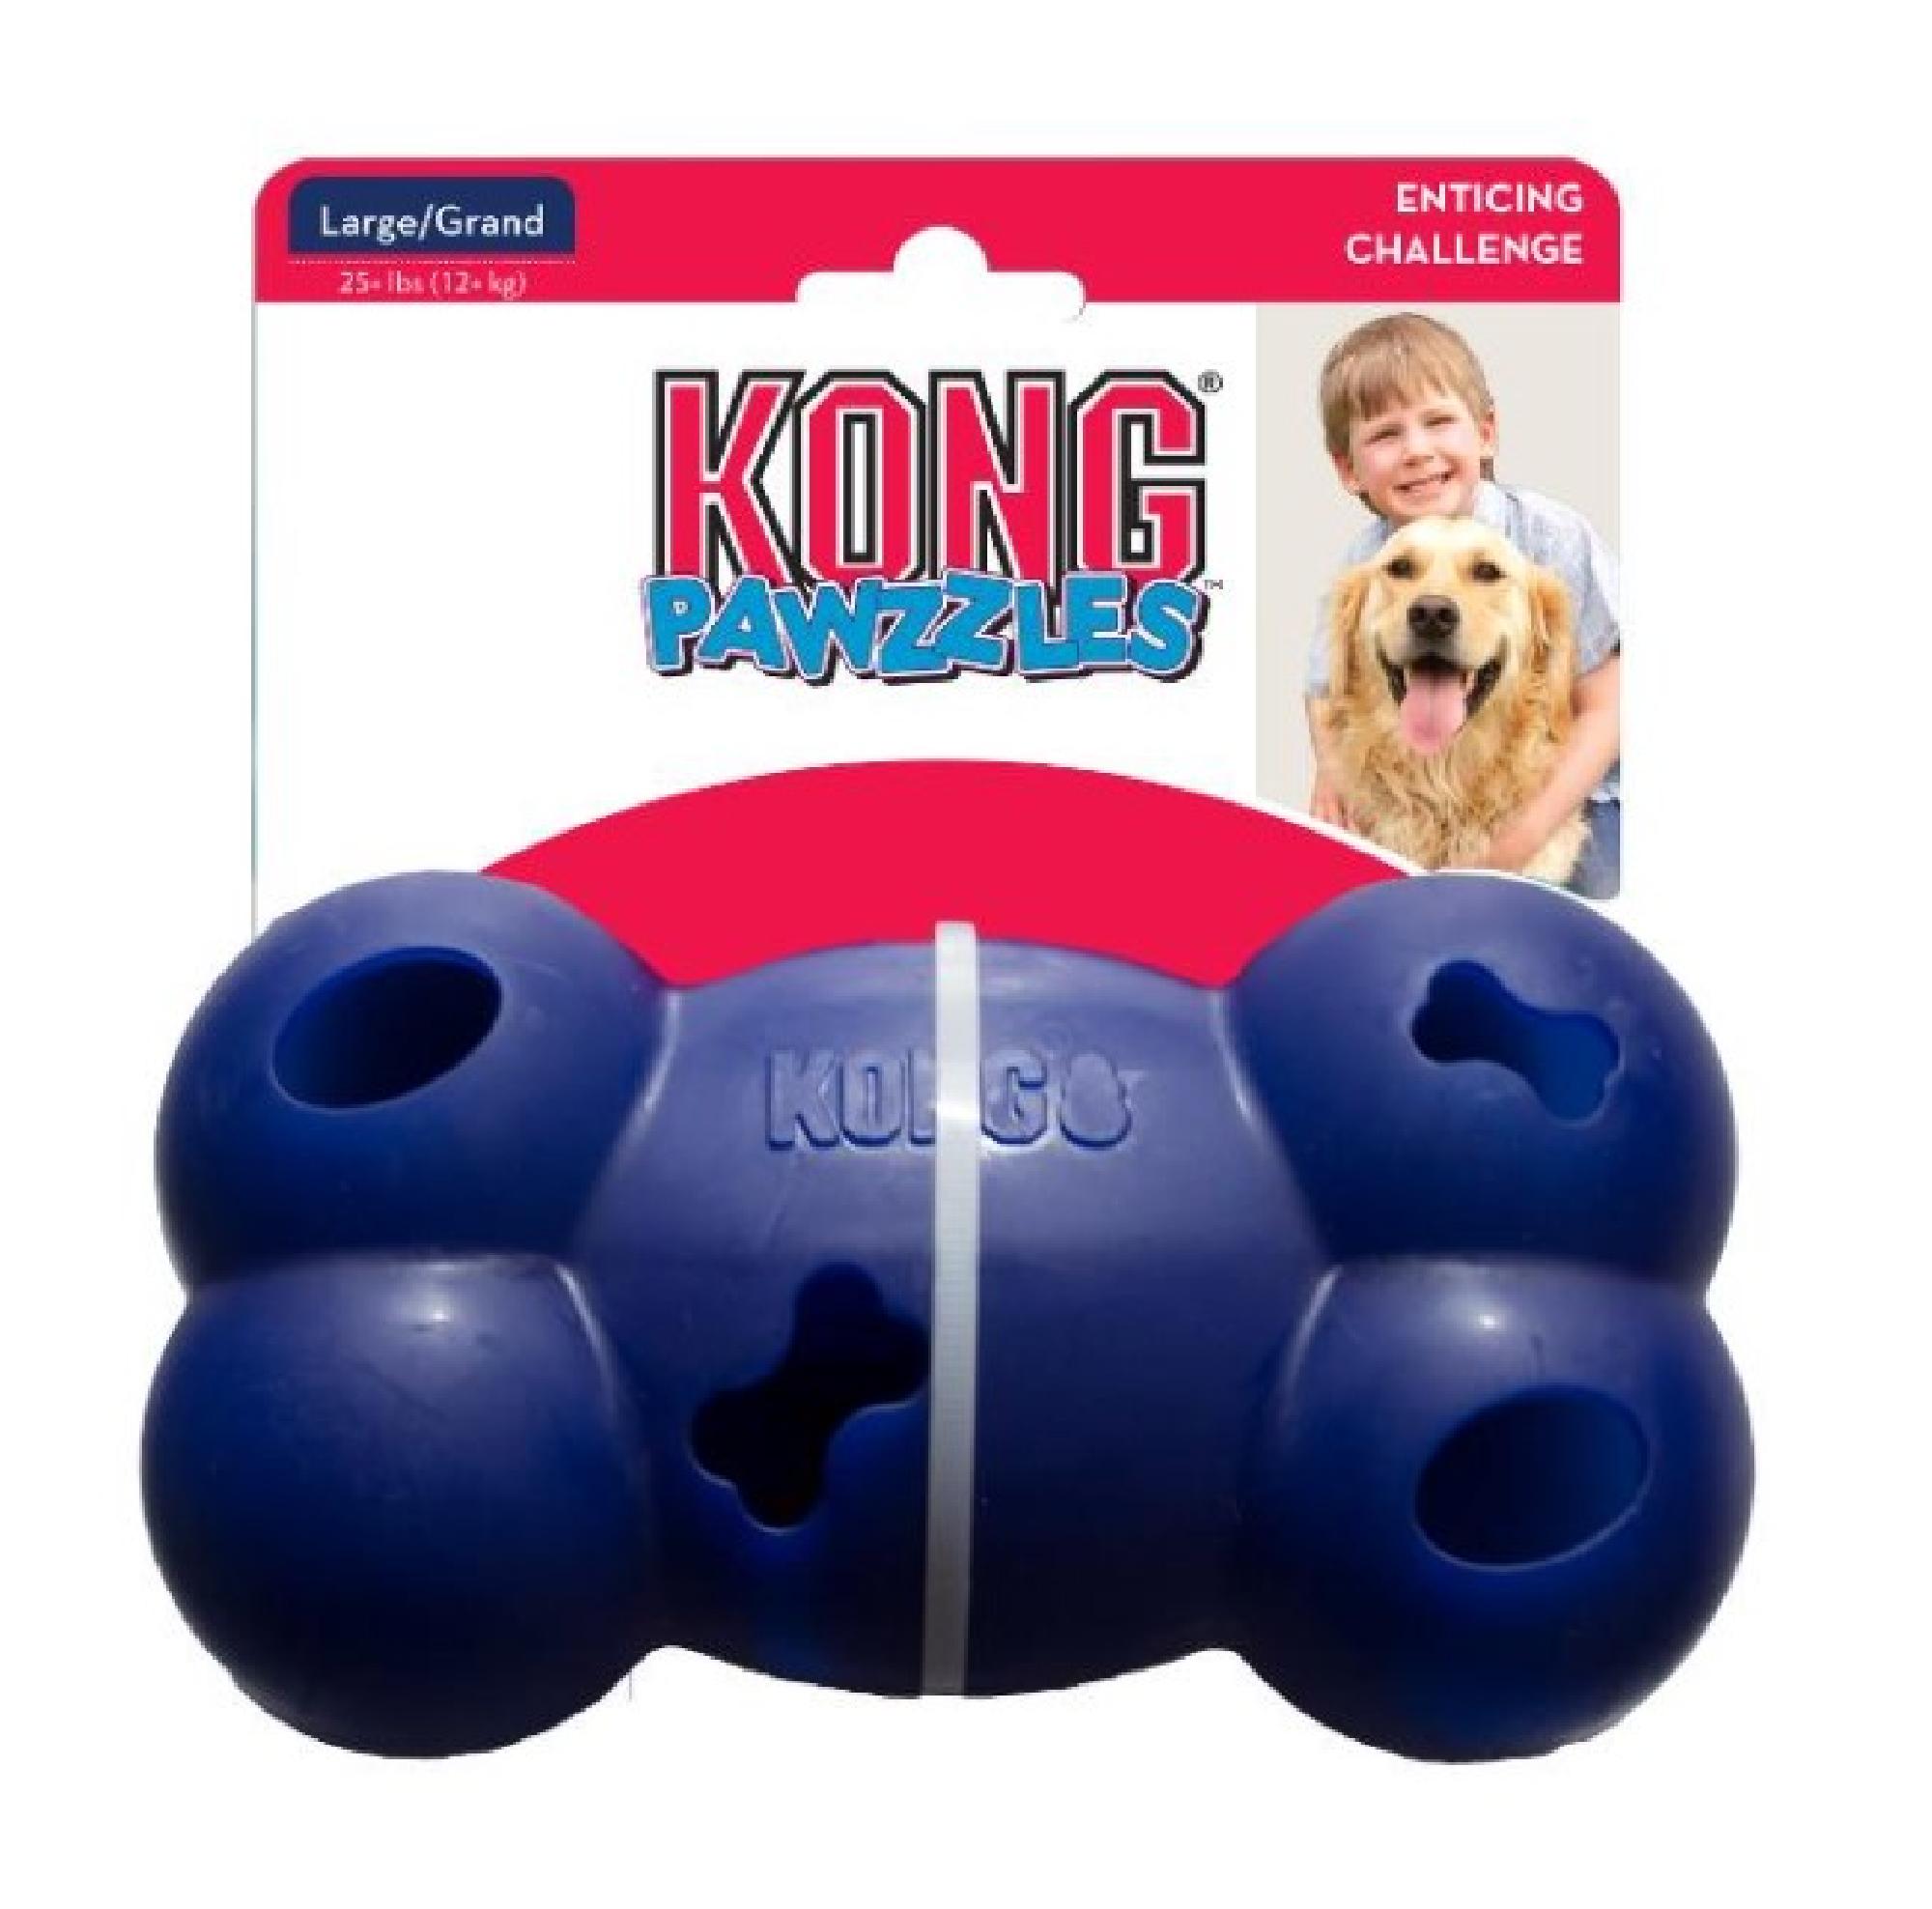 KONG Pawzzles Bone